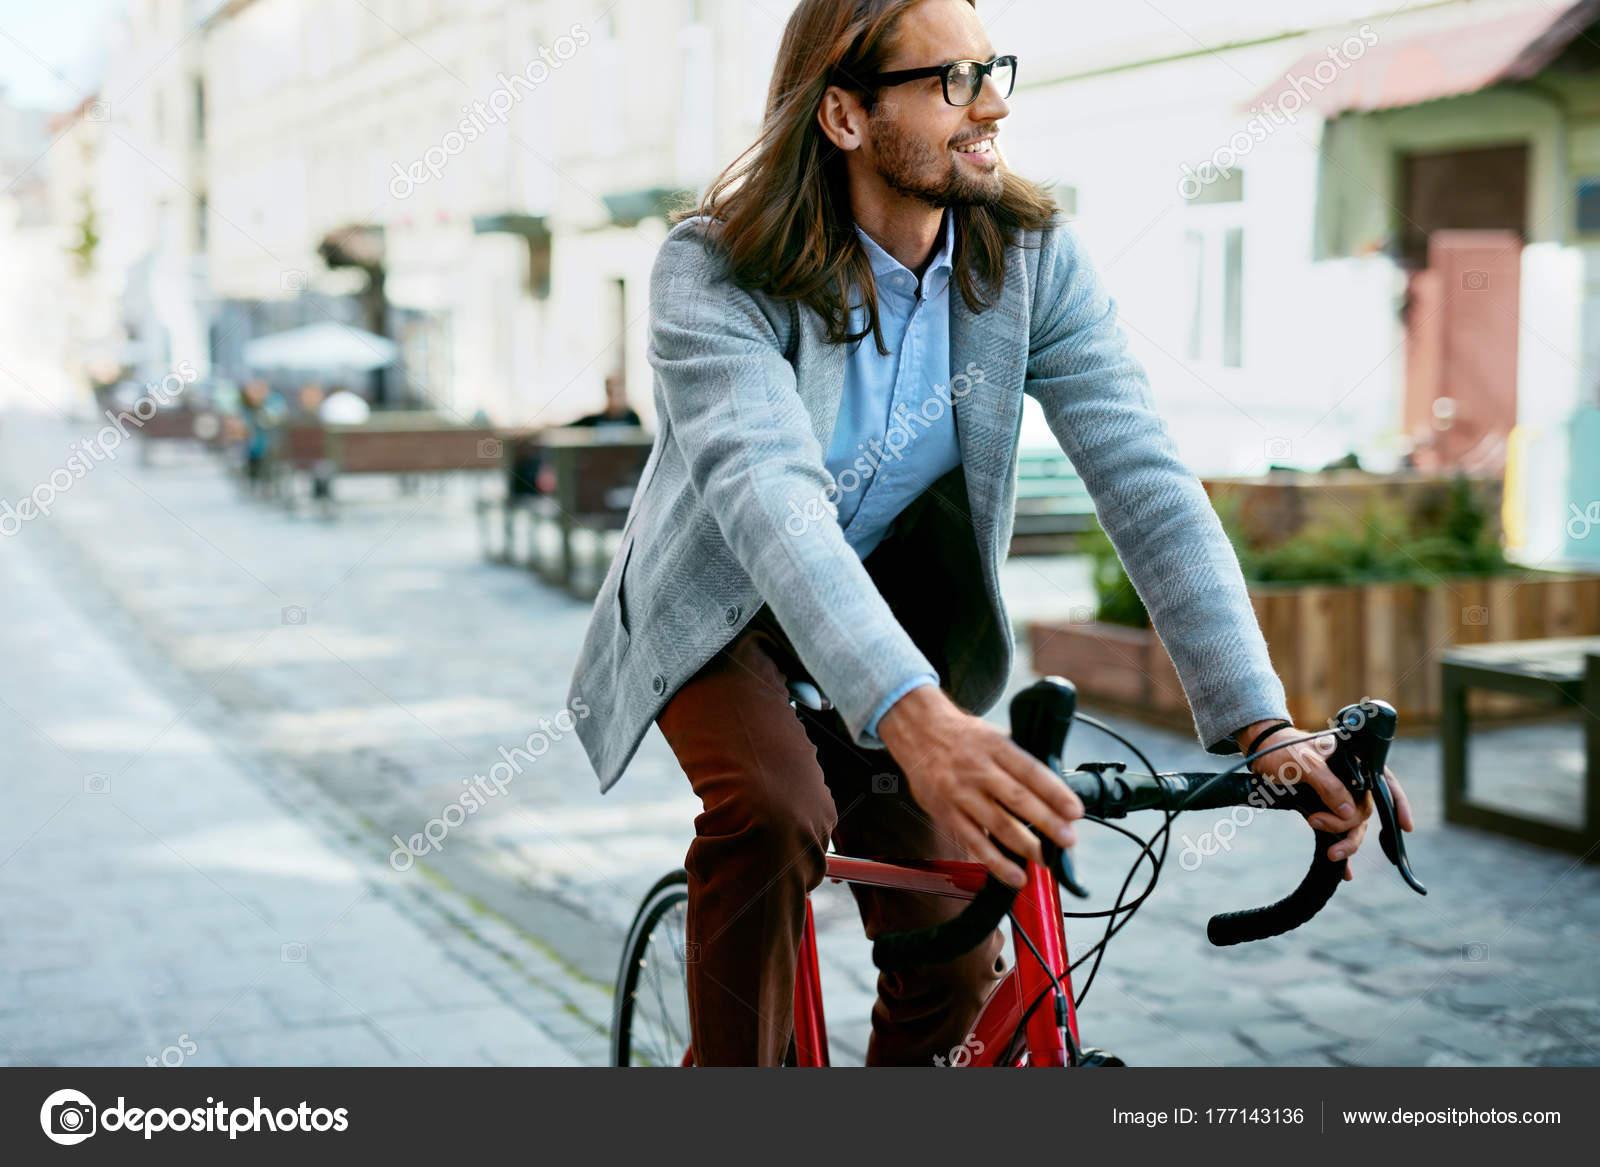 Κομψό αρσενικό ποδηλασία σε ποδήλατο στον δρόμο. Πορτραίτο του όμορφος  νεαρός χαμογελαστός άνθρωπος σε μοντέρνα Αντρικά ρούχα ιππασίας ποδήλατό σε  ... 44b94a31362